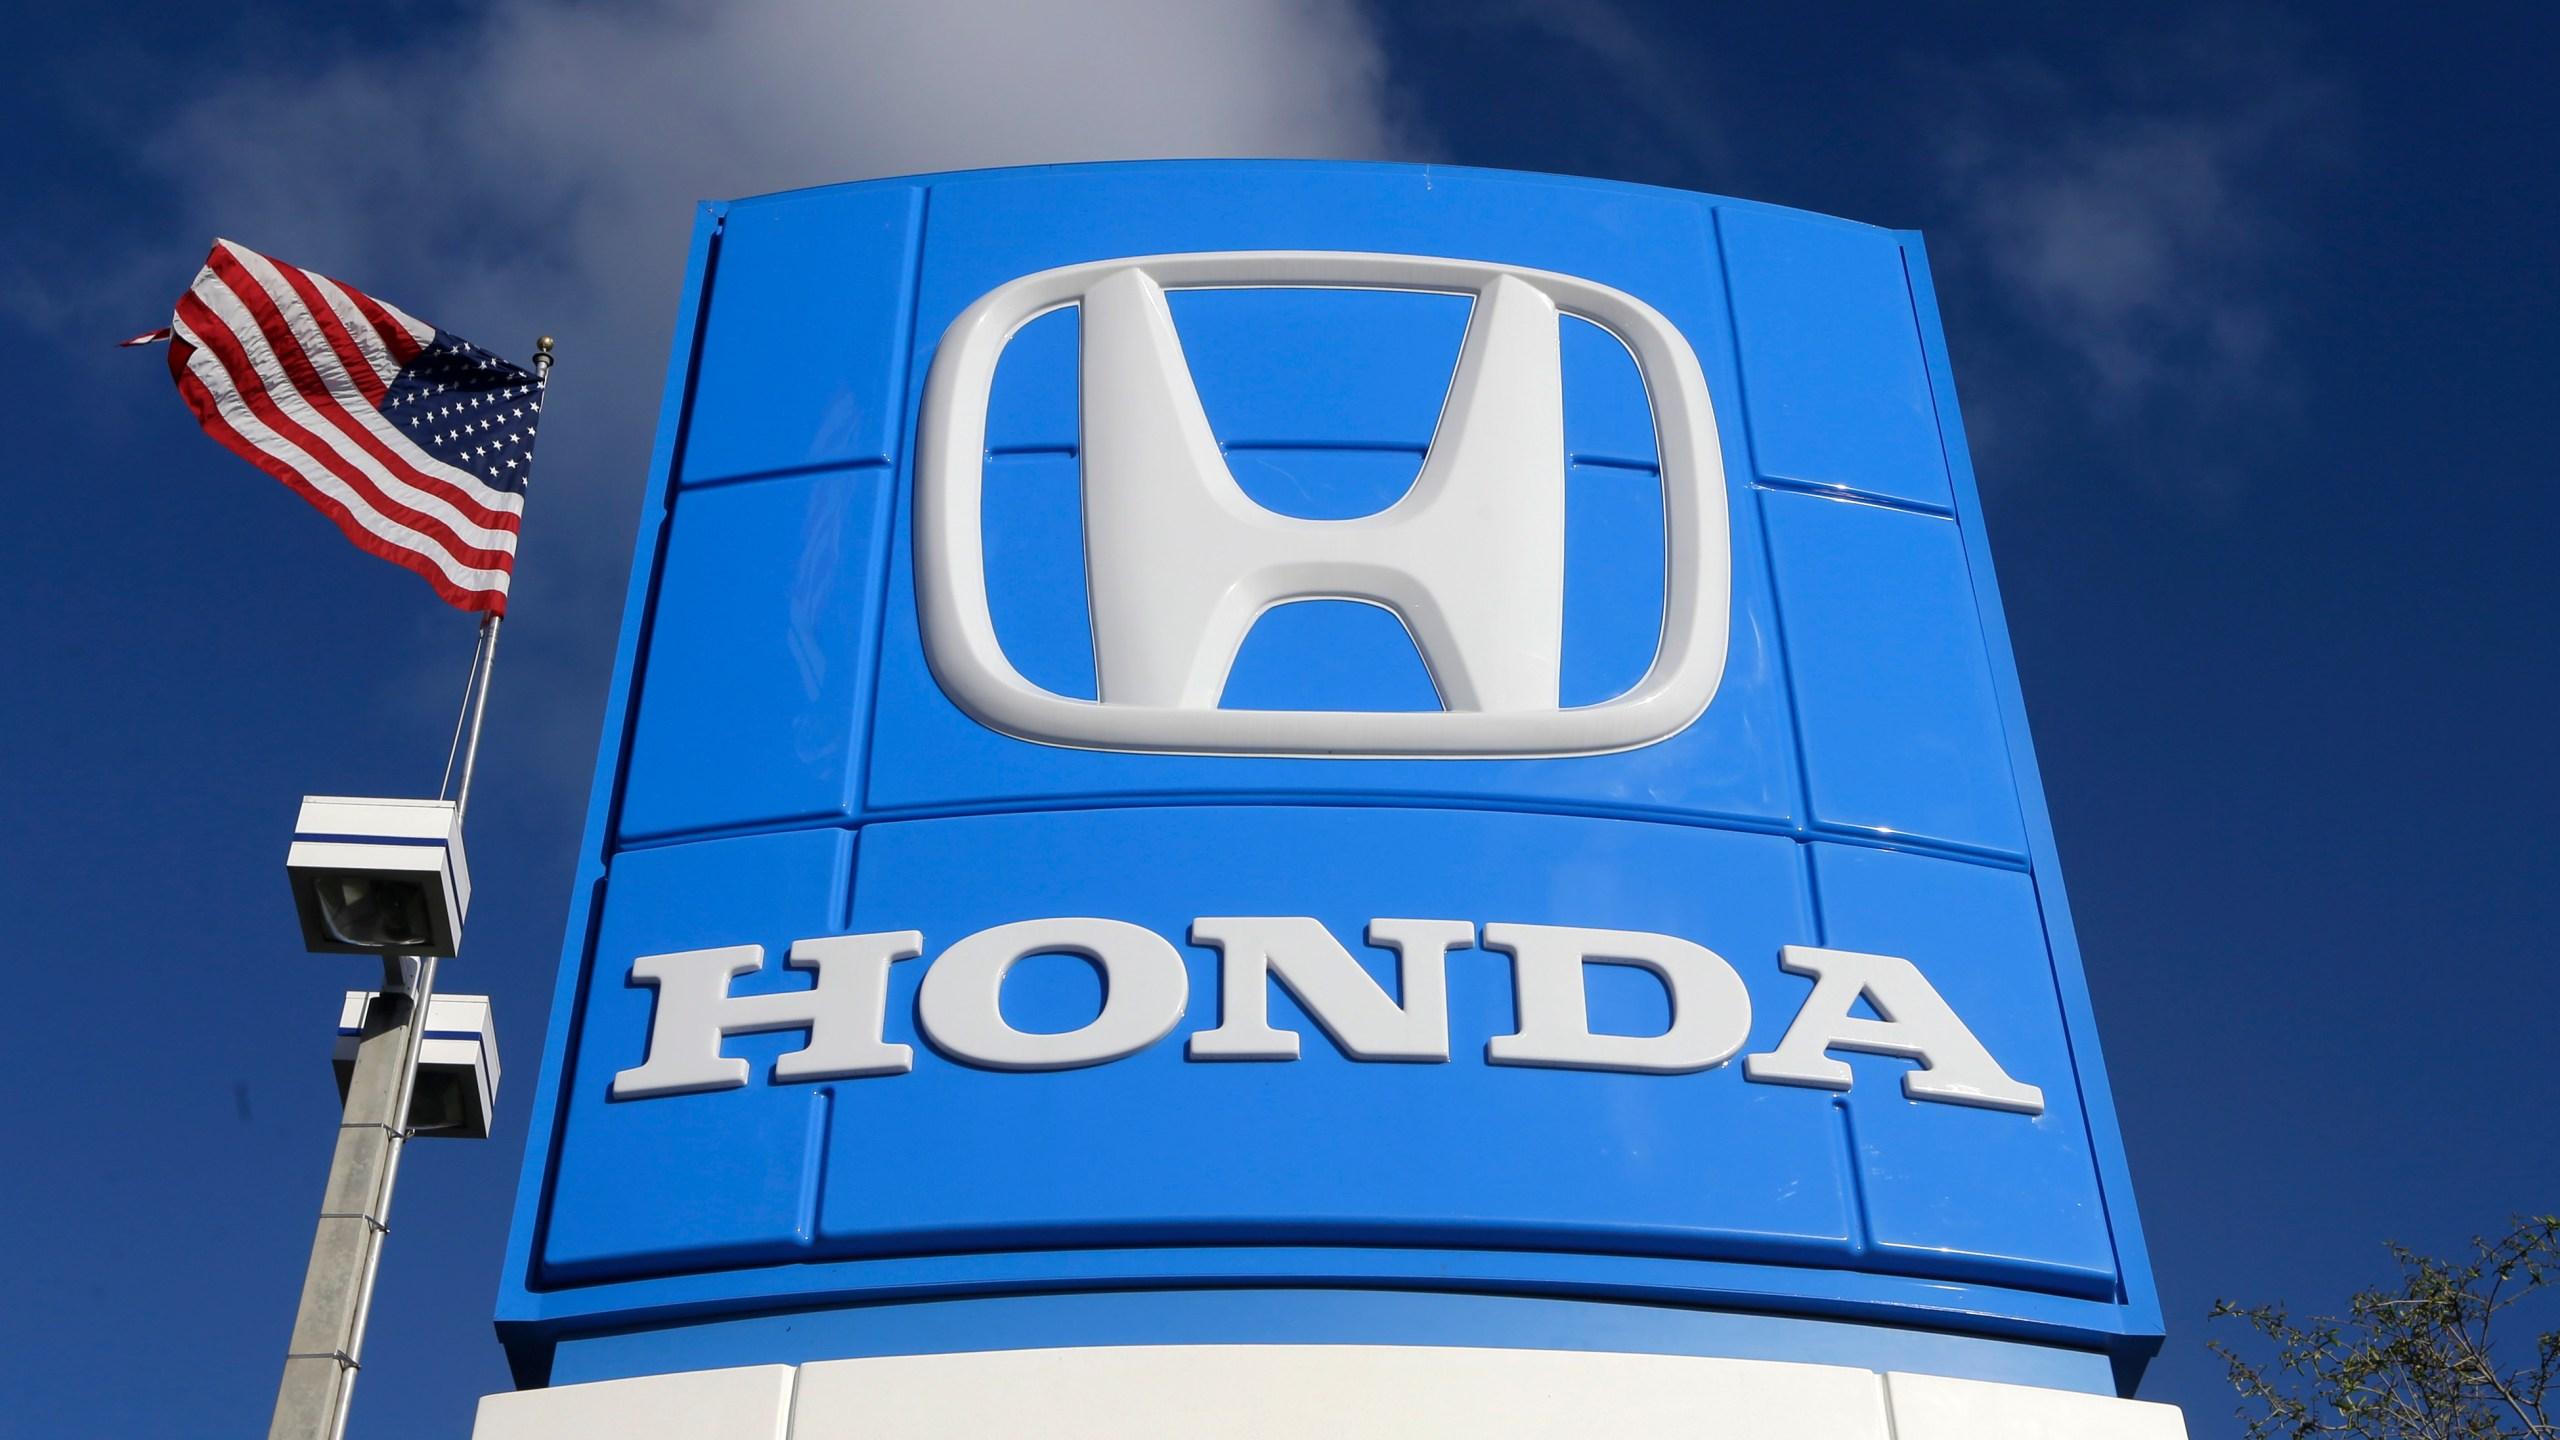 Honda_164702